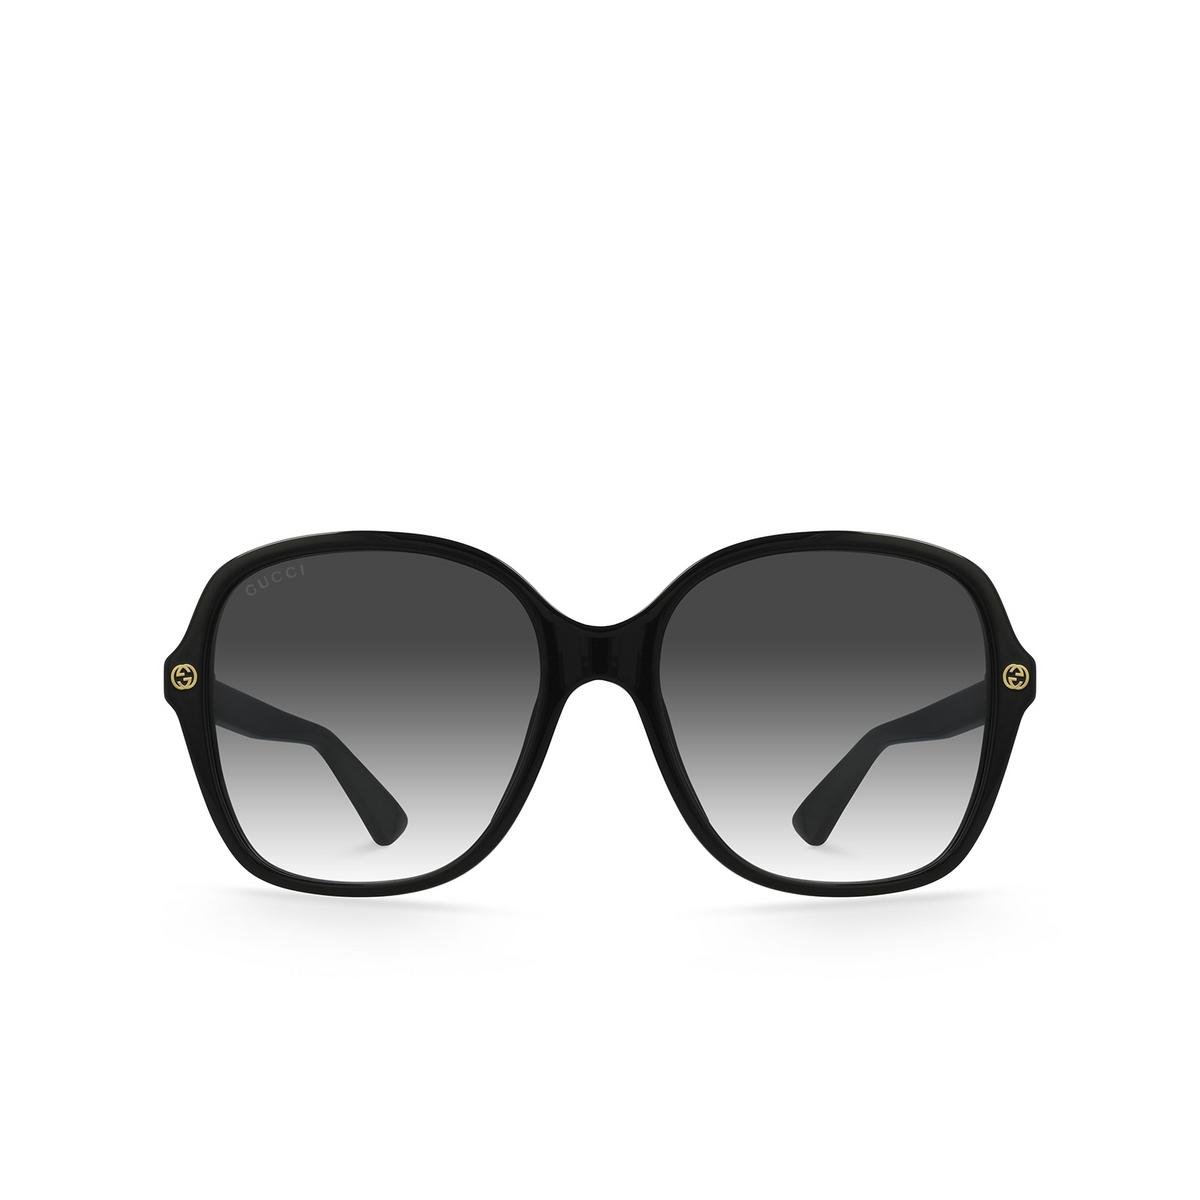 Gucci® Square Sunglasses: GG0092S color Black 001 - front view.